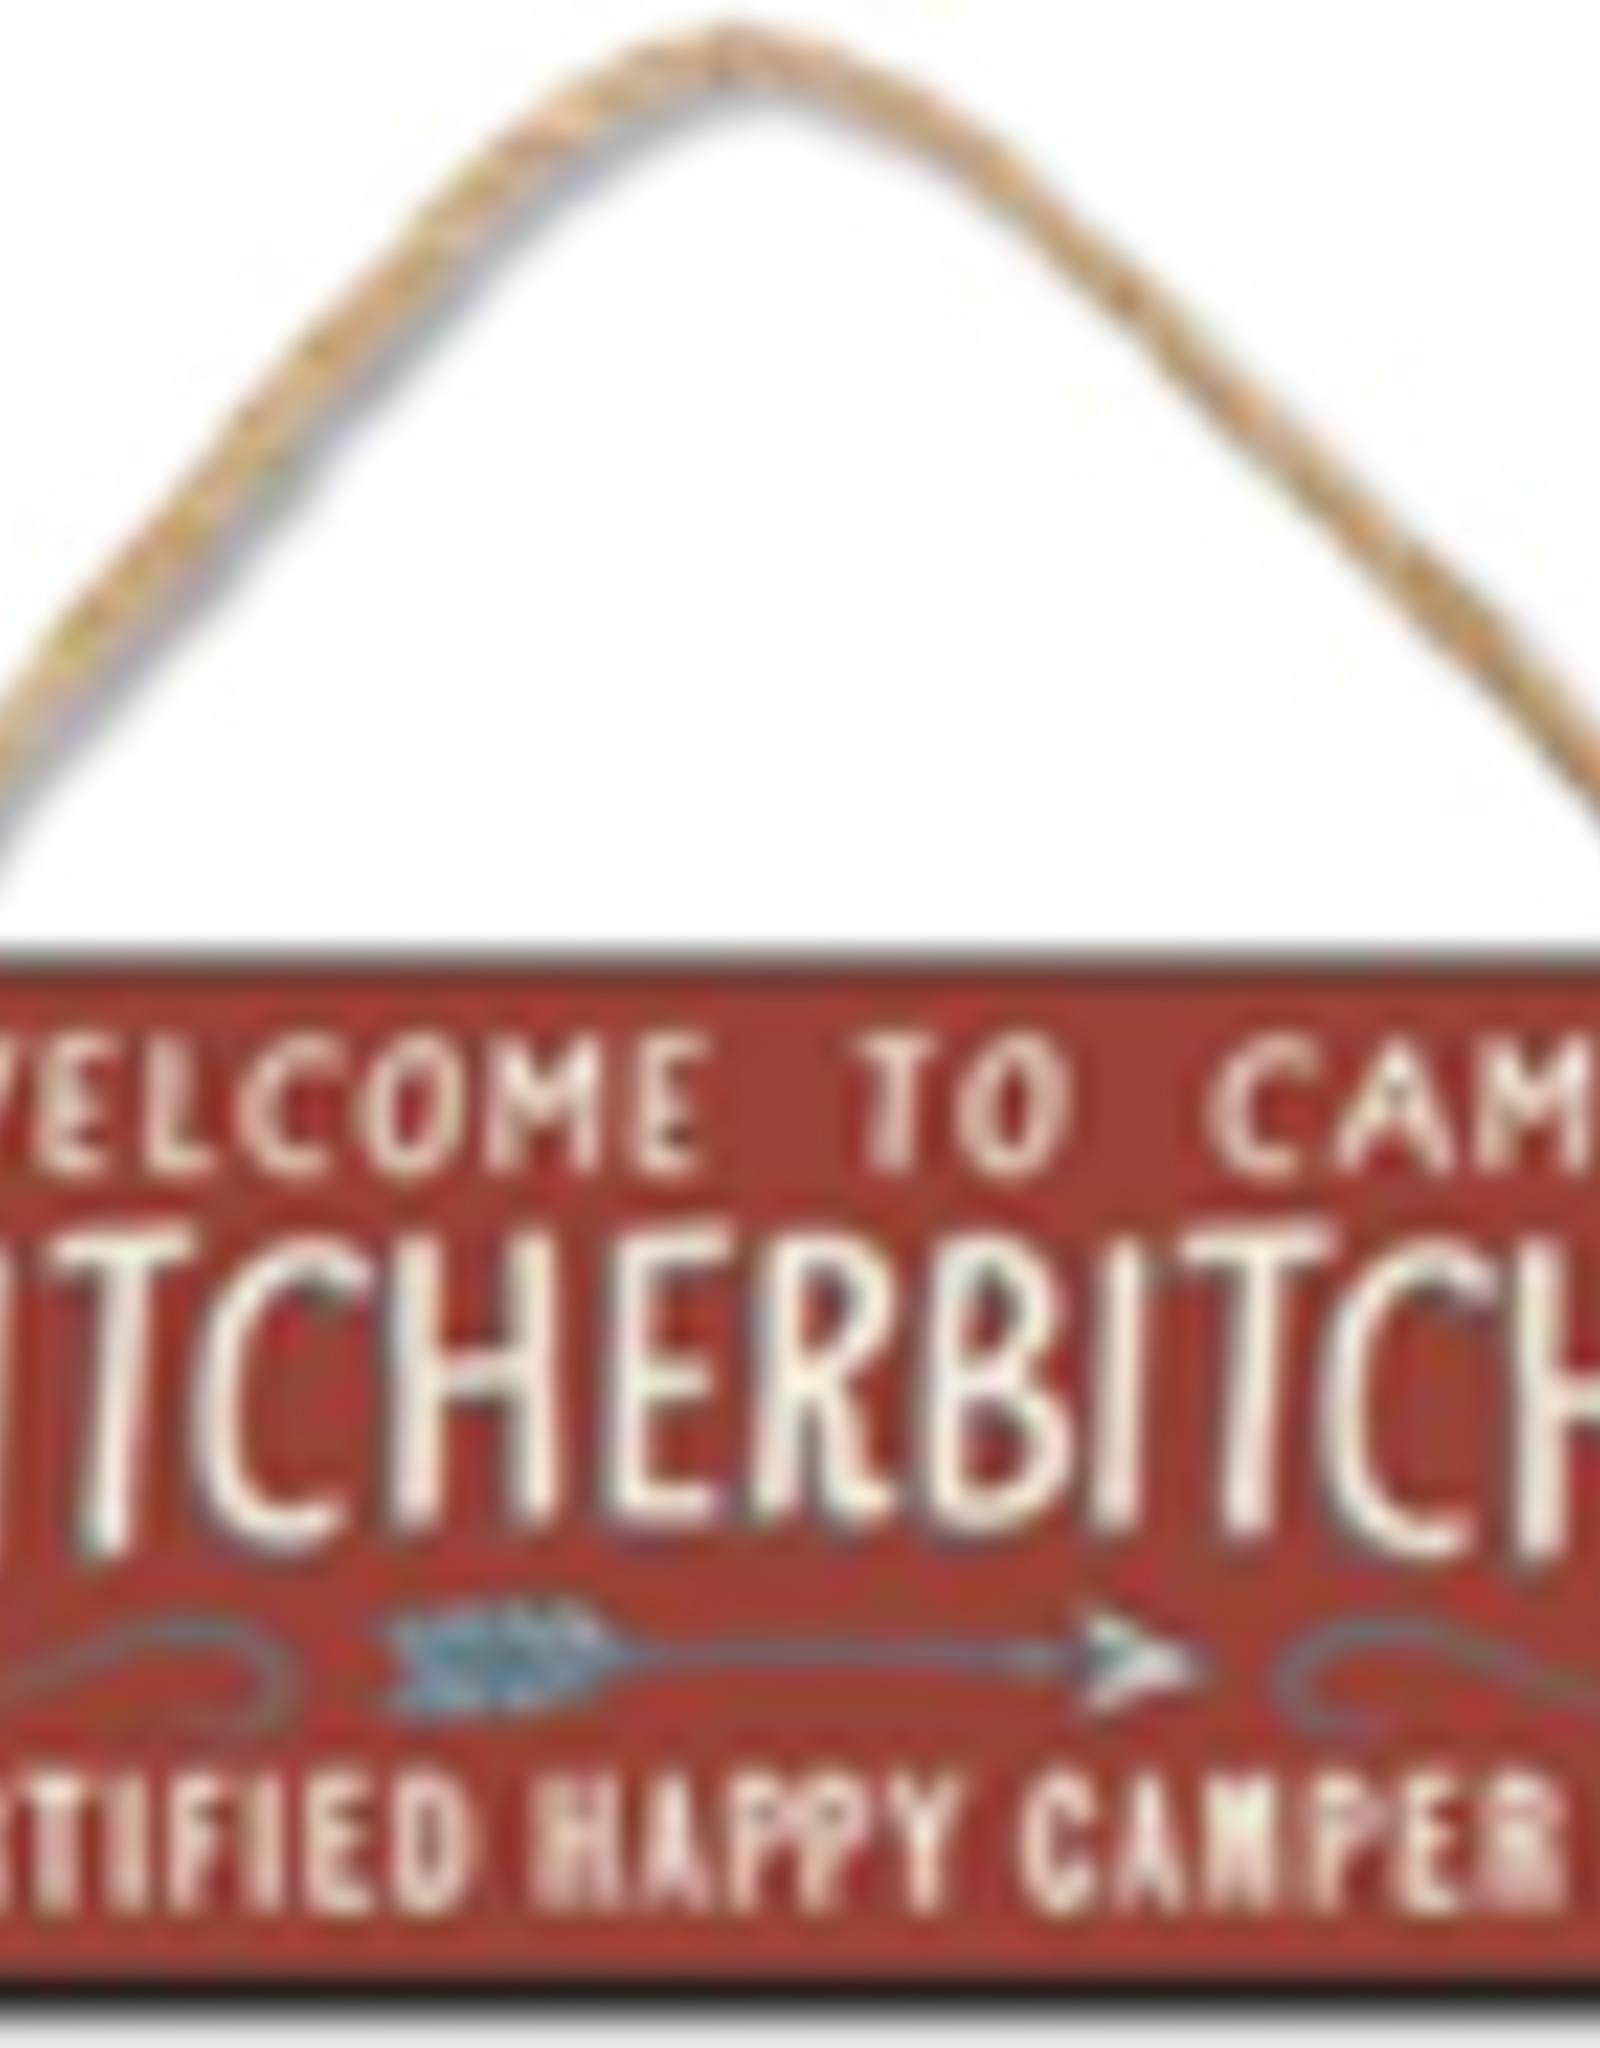 Welcome to Camp Quitcherbitchin 4x10